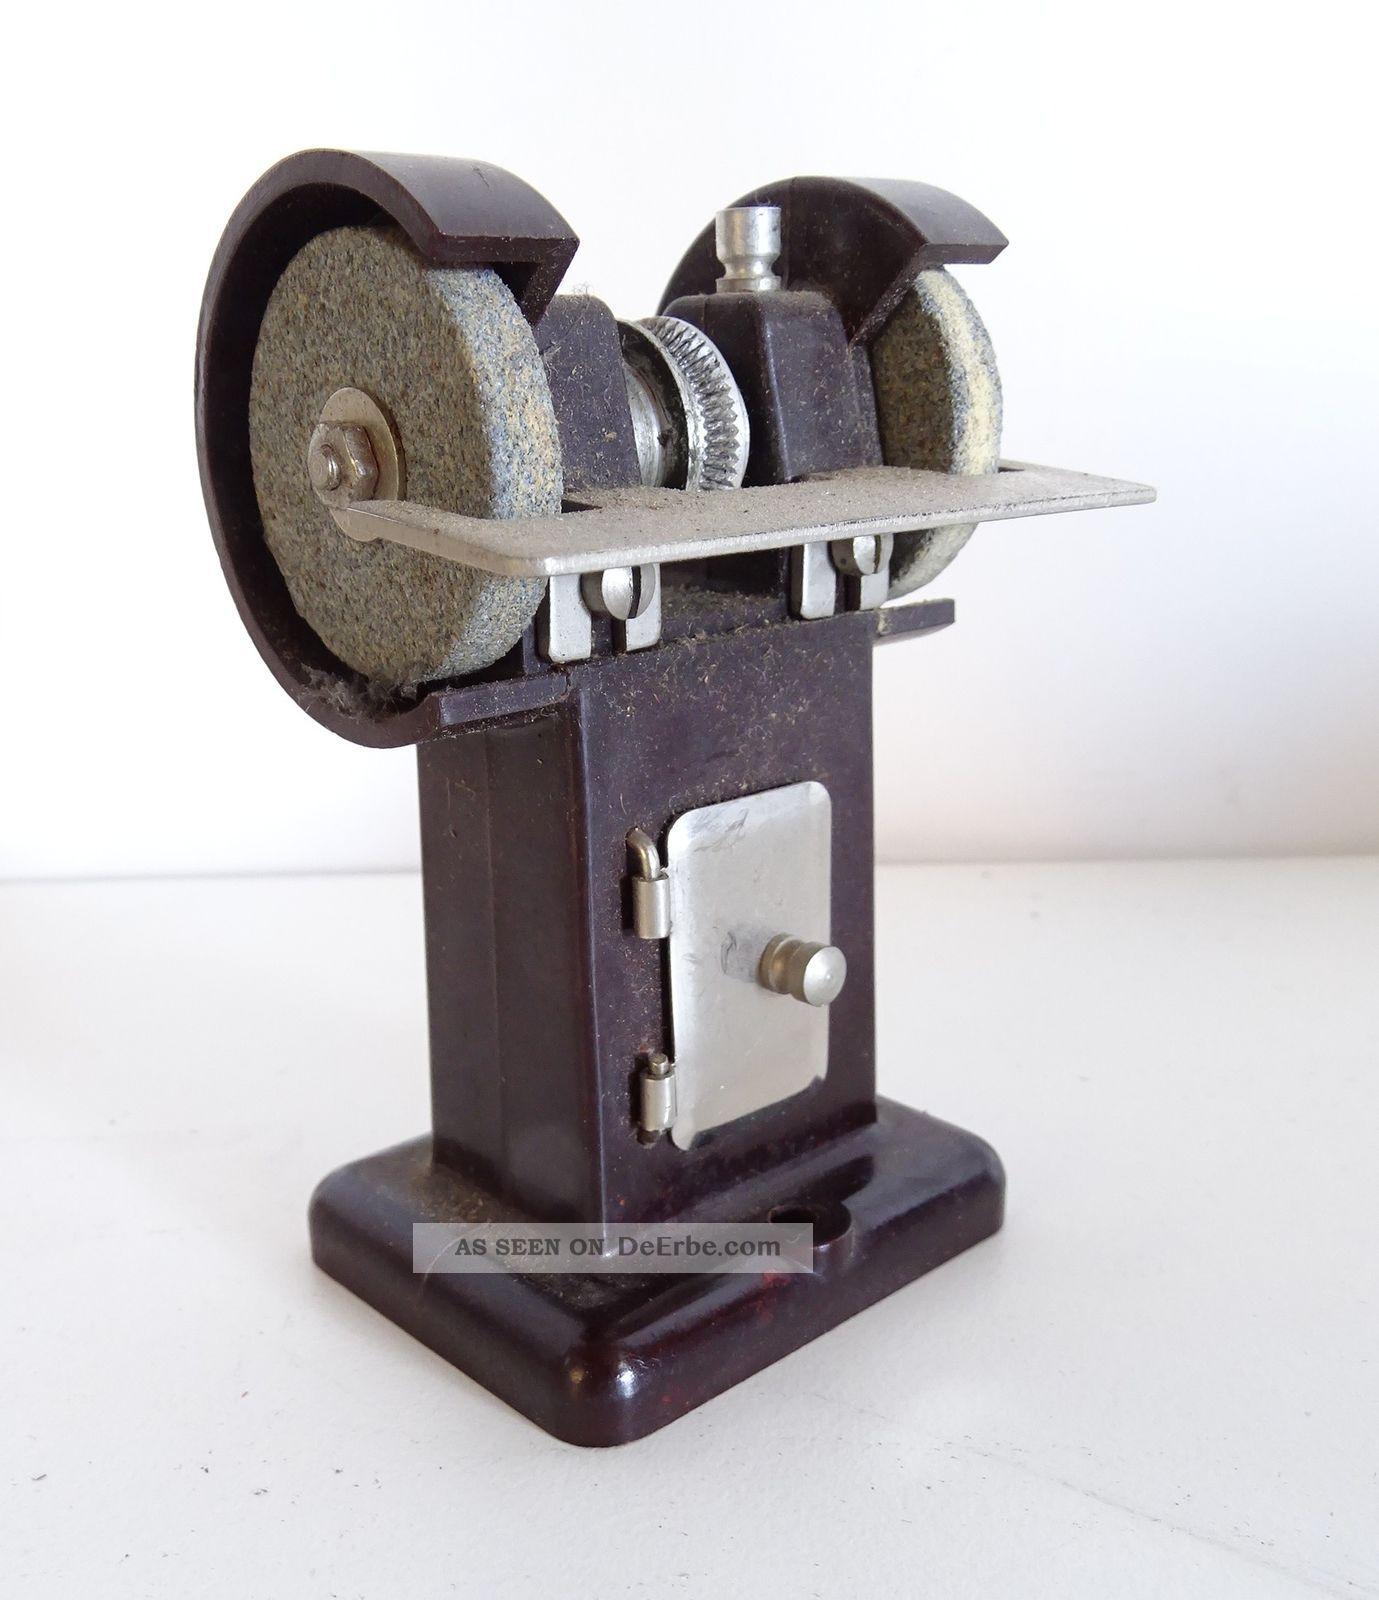 Antikes Oesterwitz Antriebsmodell Dampfmaschine Stand Schleifmaschine Bakelit Gefertigt nach 1945 Bild